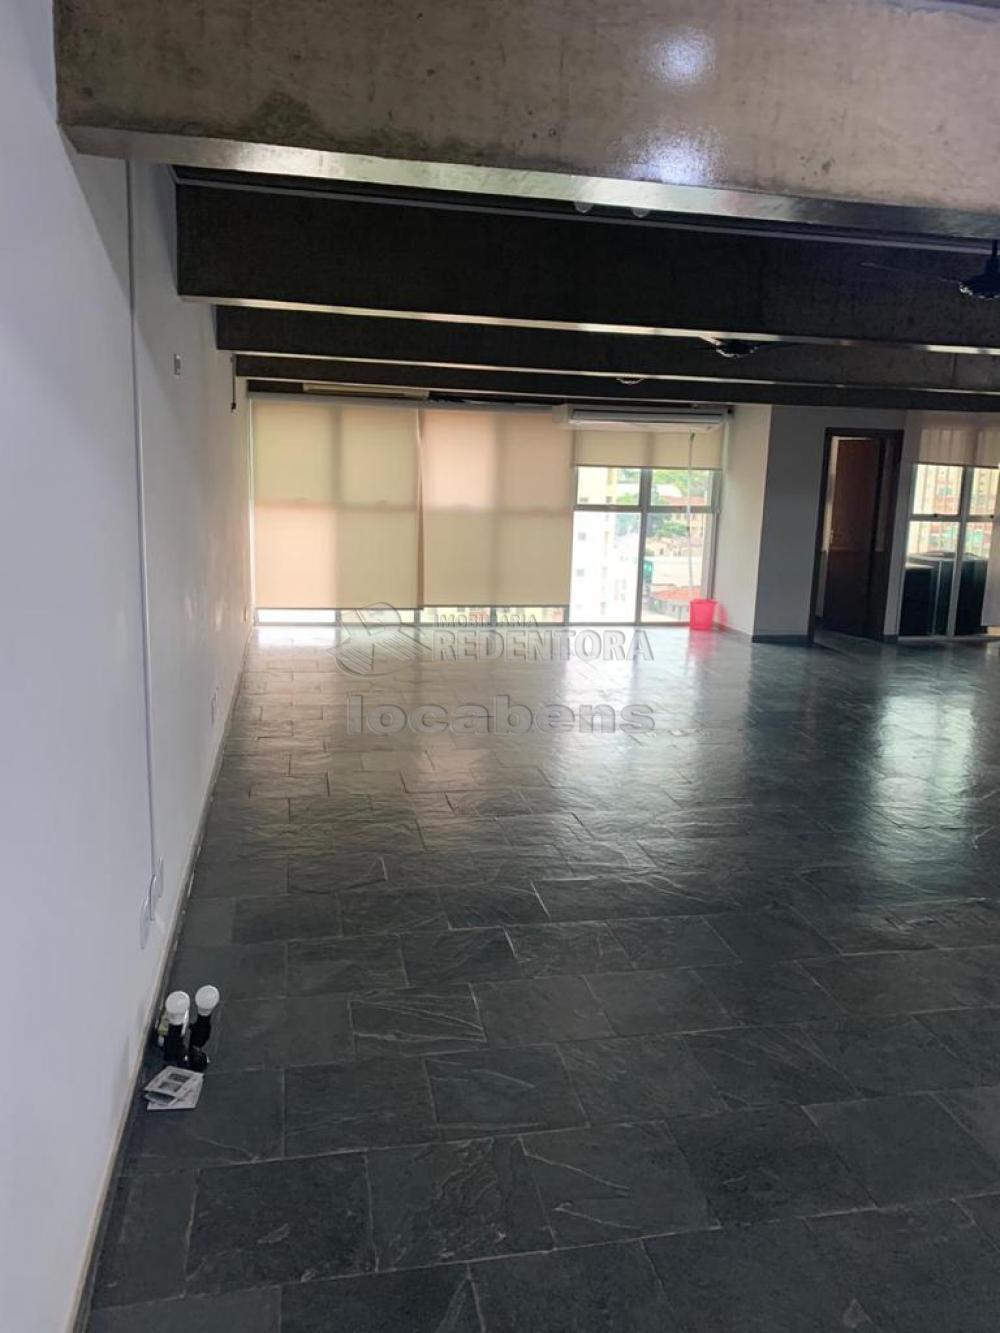 Comprar Comercial / Sala em São José do Rio Preto R$ 450.000,00 - Foto 11